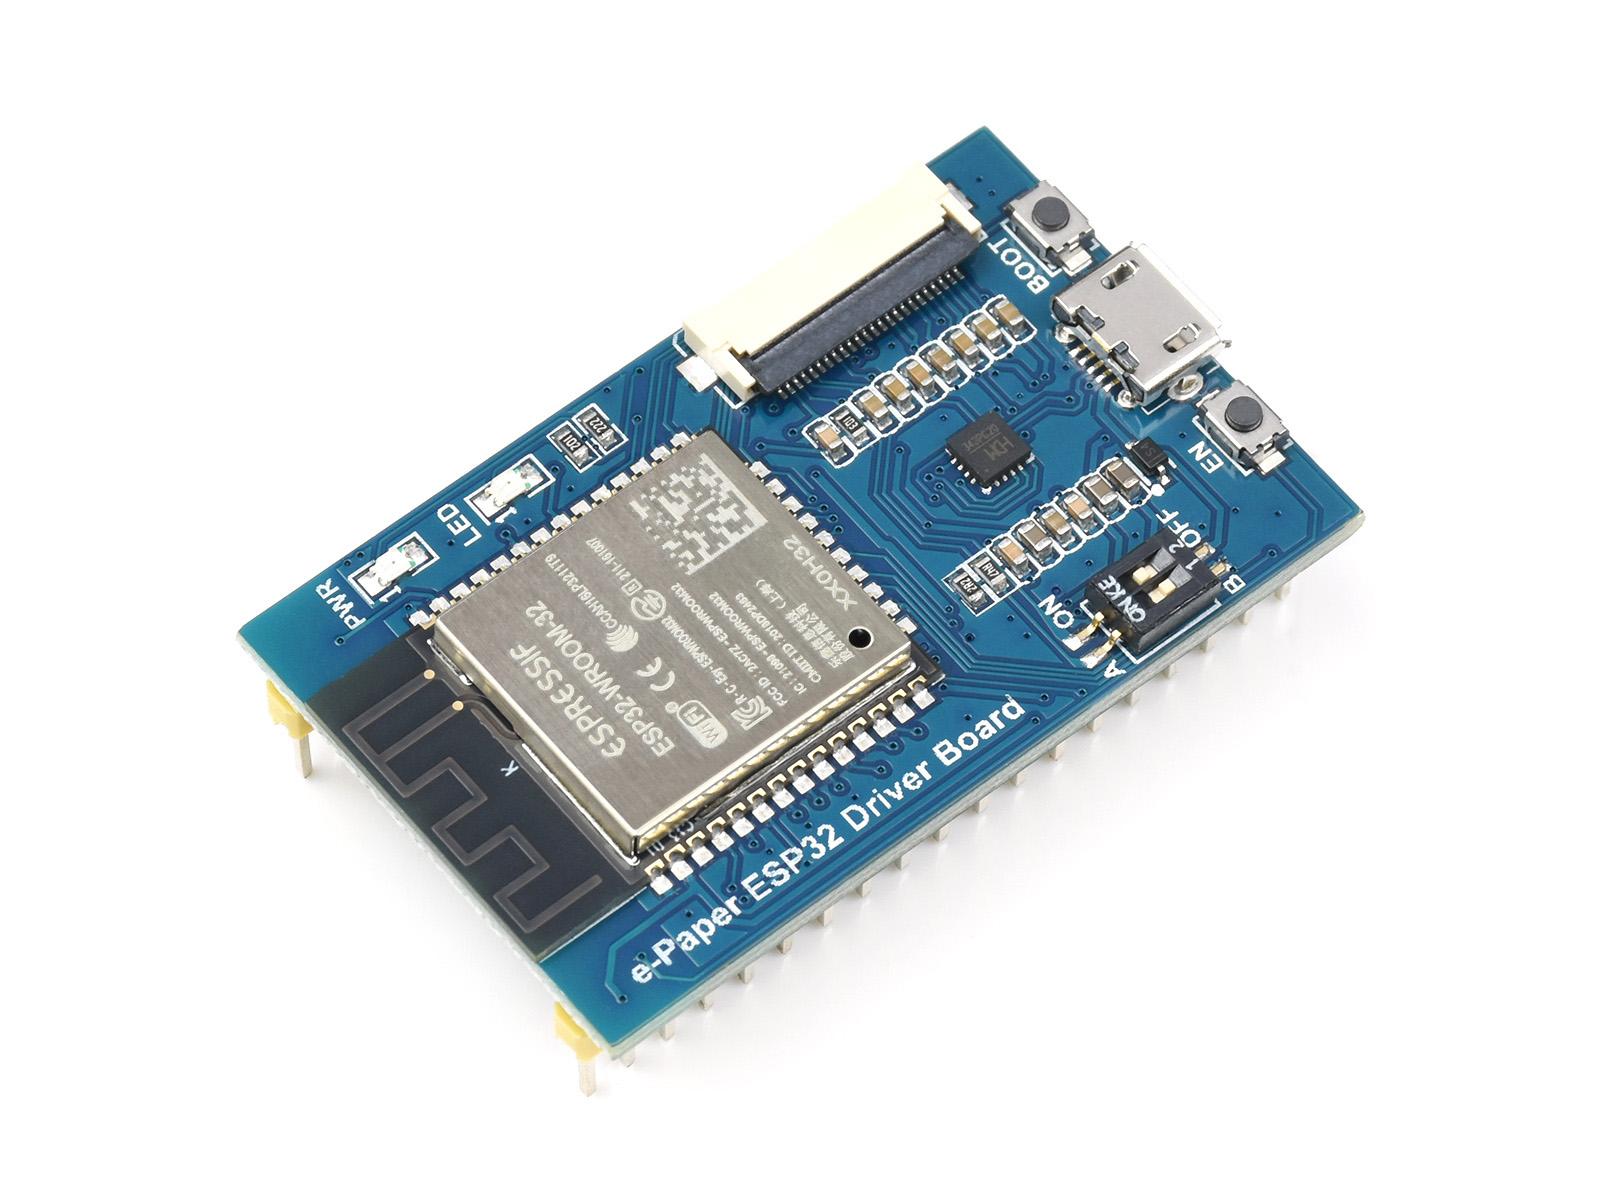 电子墨水屏无线网络驱动板 ESP32 支持WiFi和蓝牙